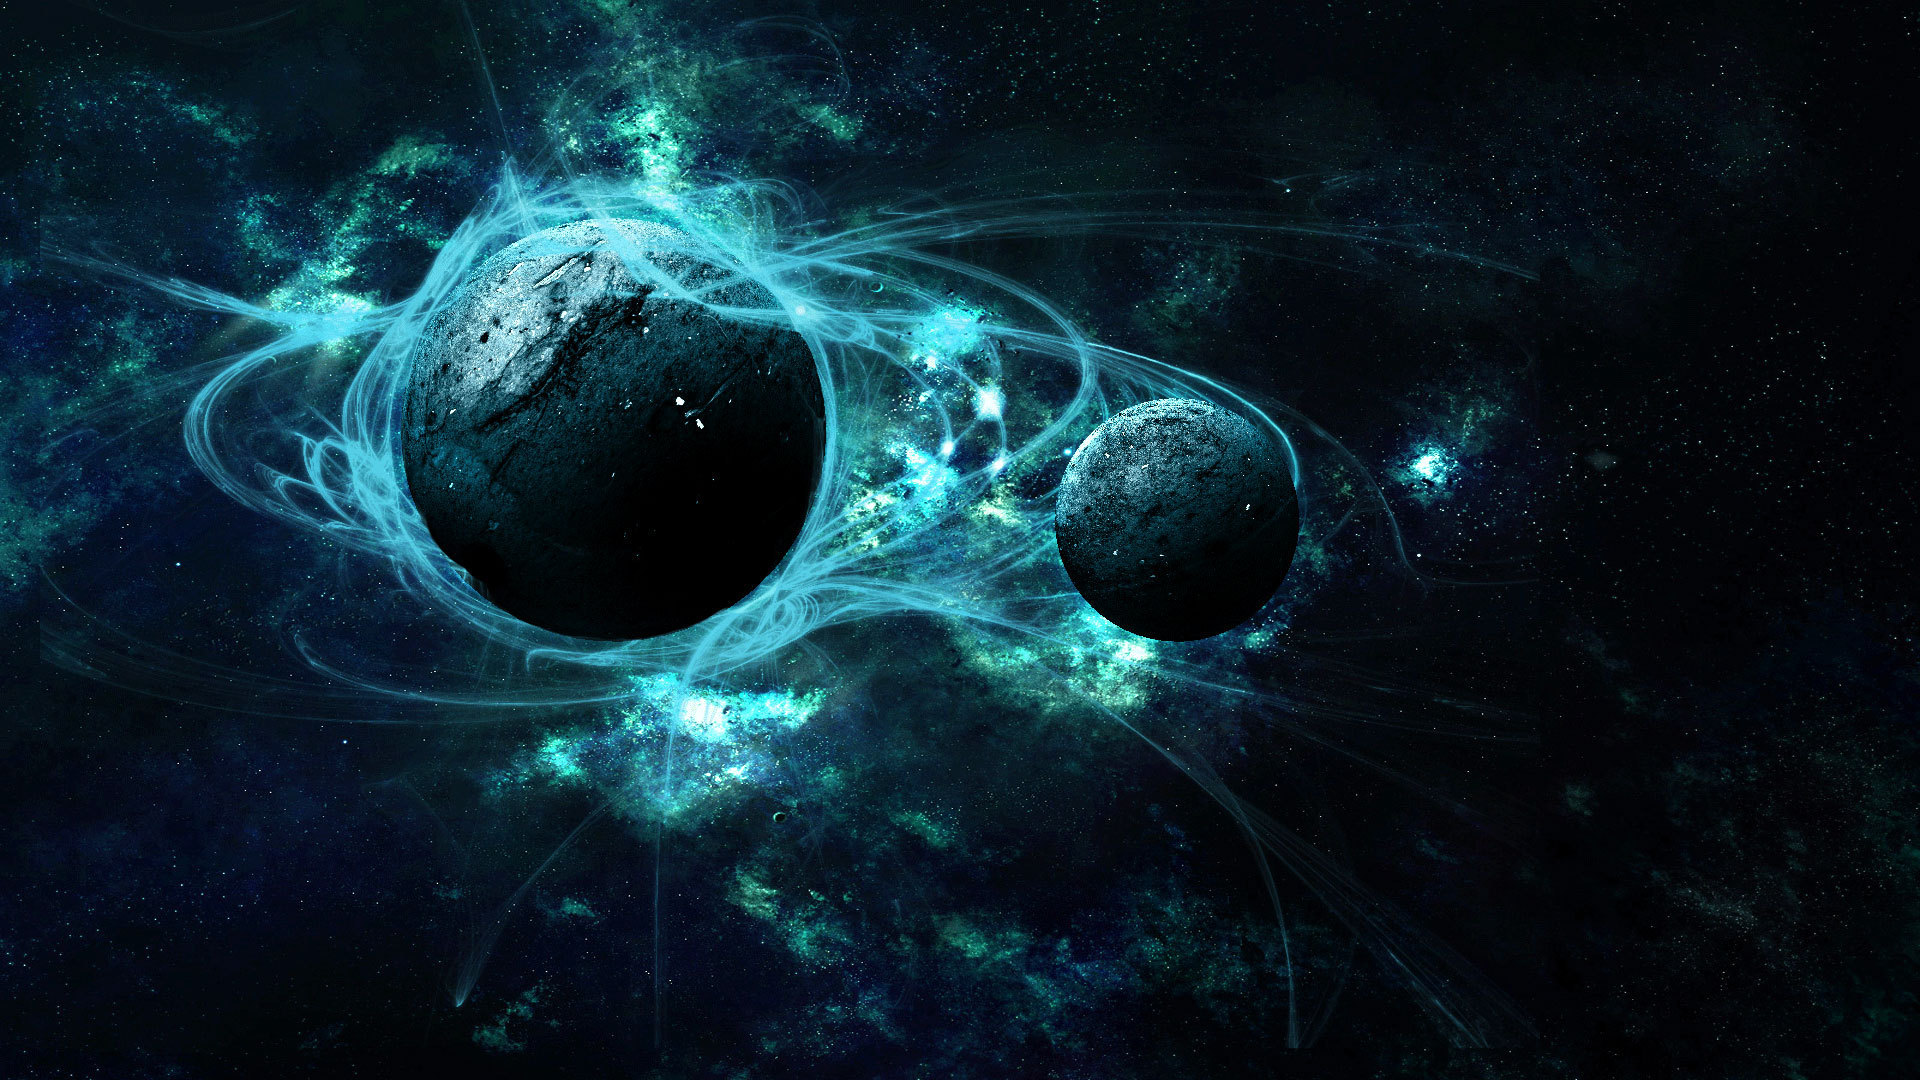 Обои Космическая плазма картинки на рабочий стол на тему Космос — скачать смотреть